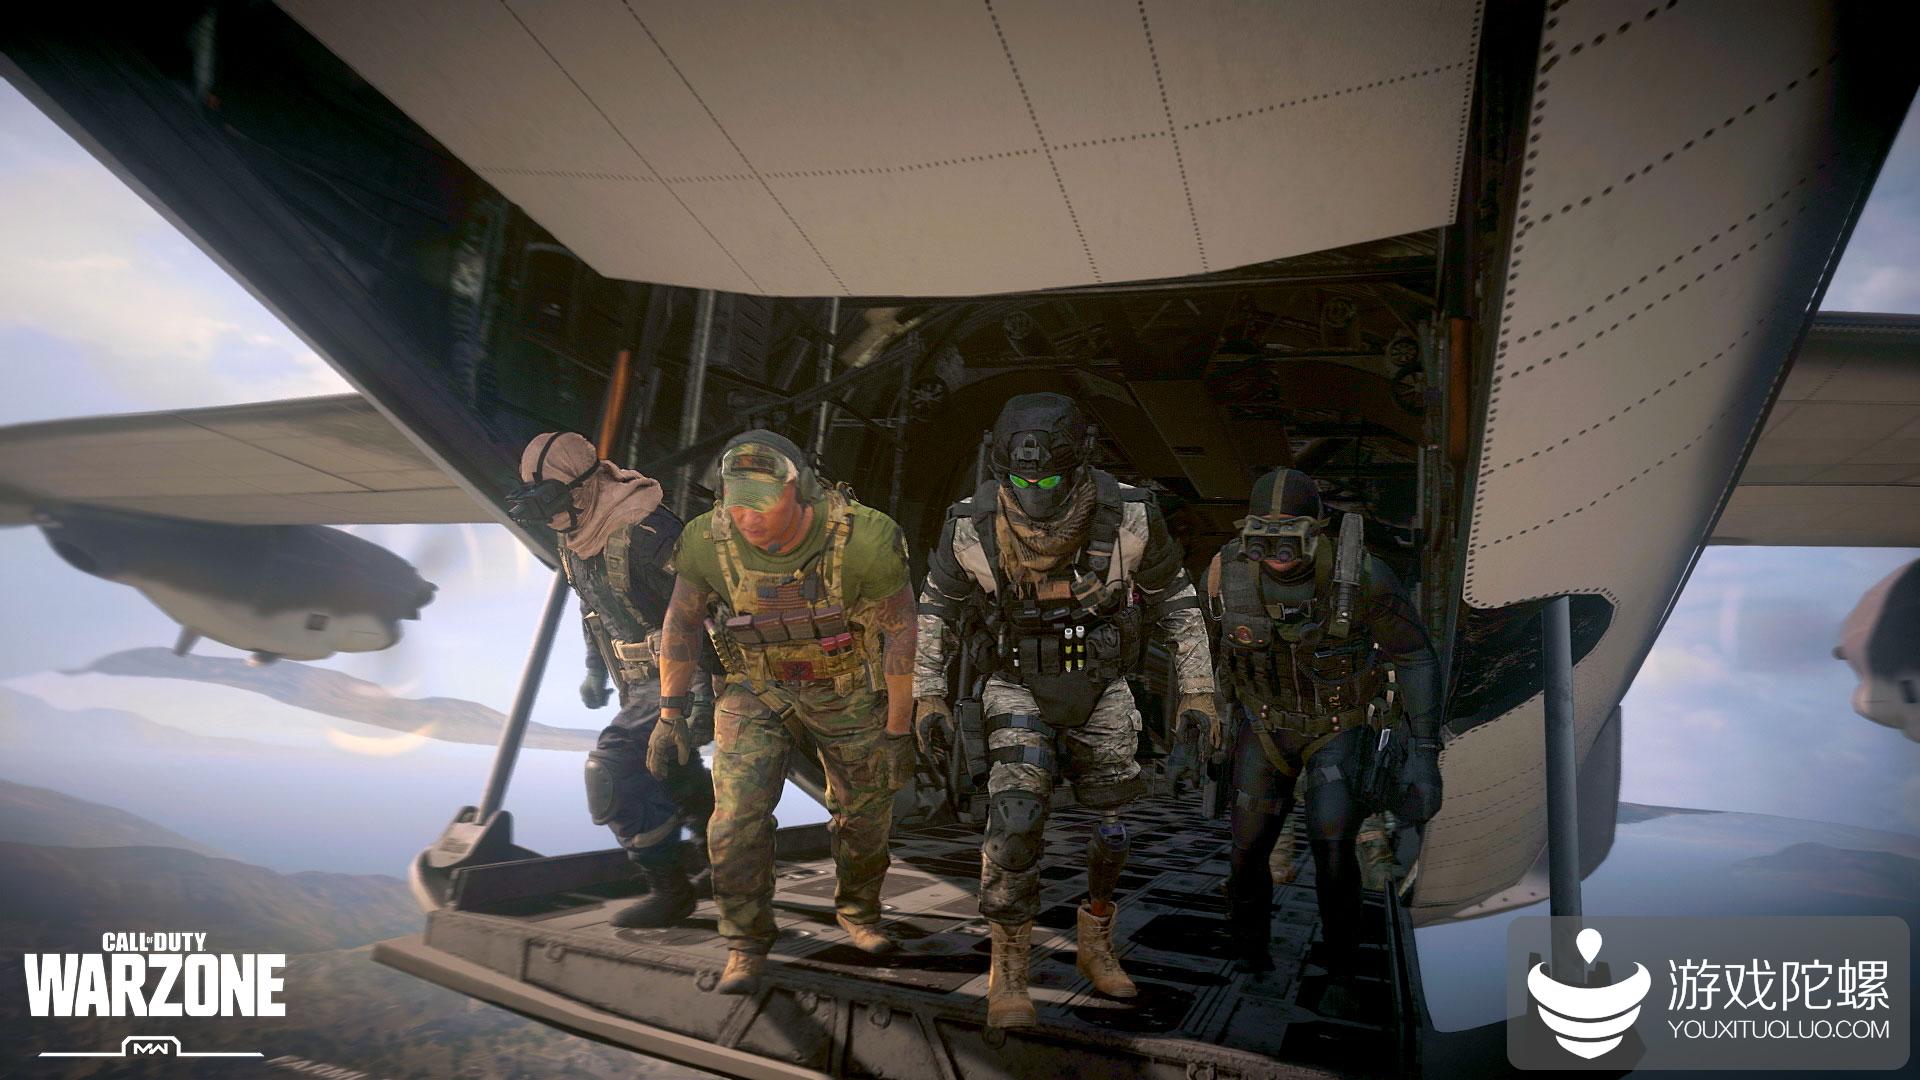 《使命召唤:战区》第三季更新,用迅游极速畅玩新赛季